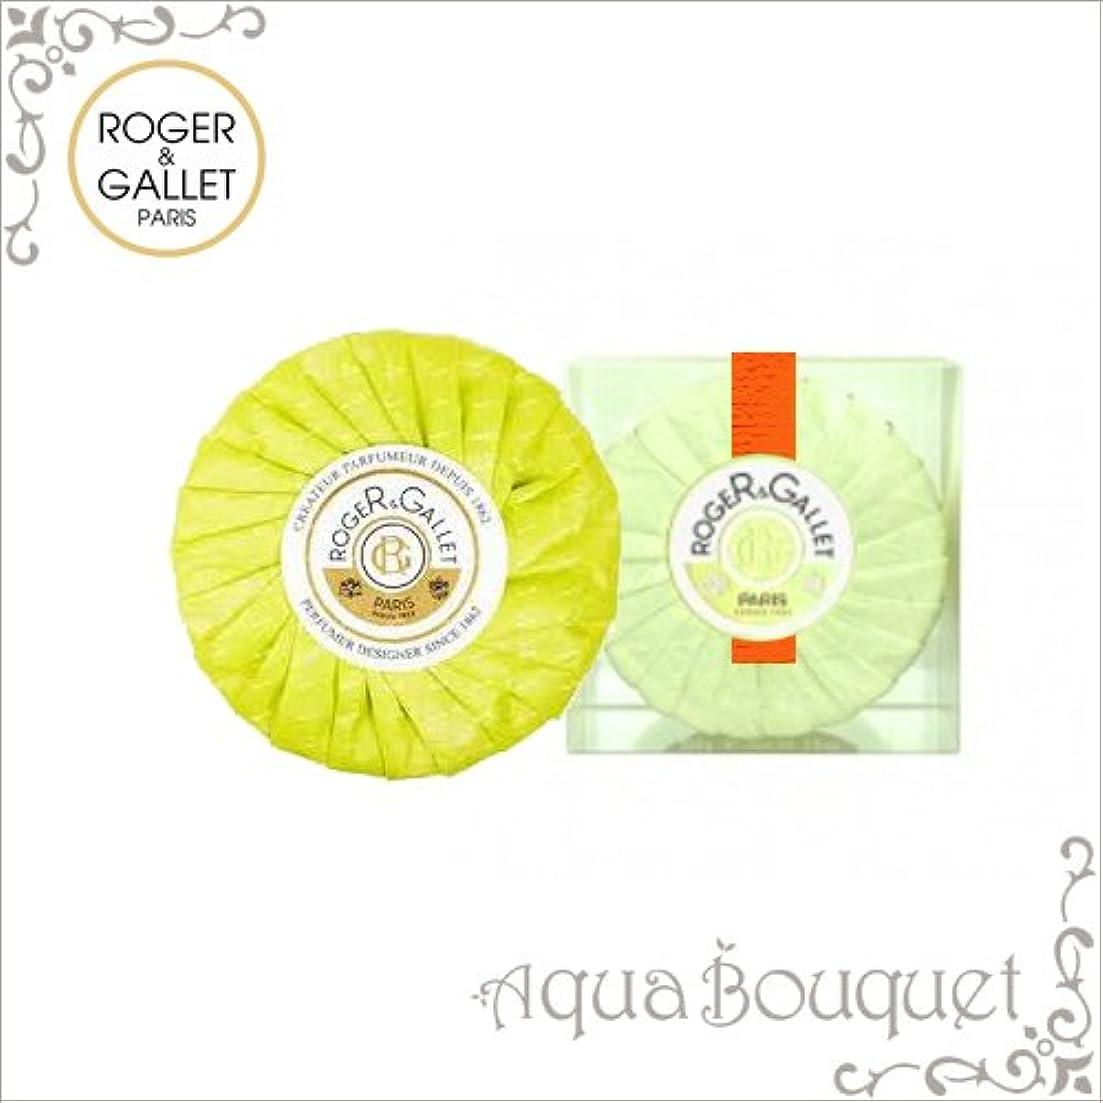 テープイヤホン機関ロジェガレ オスマンティウスパフューム 香水石鹸 100g ROGER&GALLET FLEUR D'OSMANTHUS PERFUMED SOAP [1278](プラスチック簡易ケース入り) [並行輸入品]